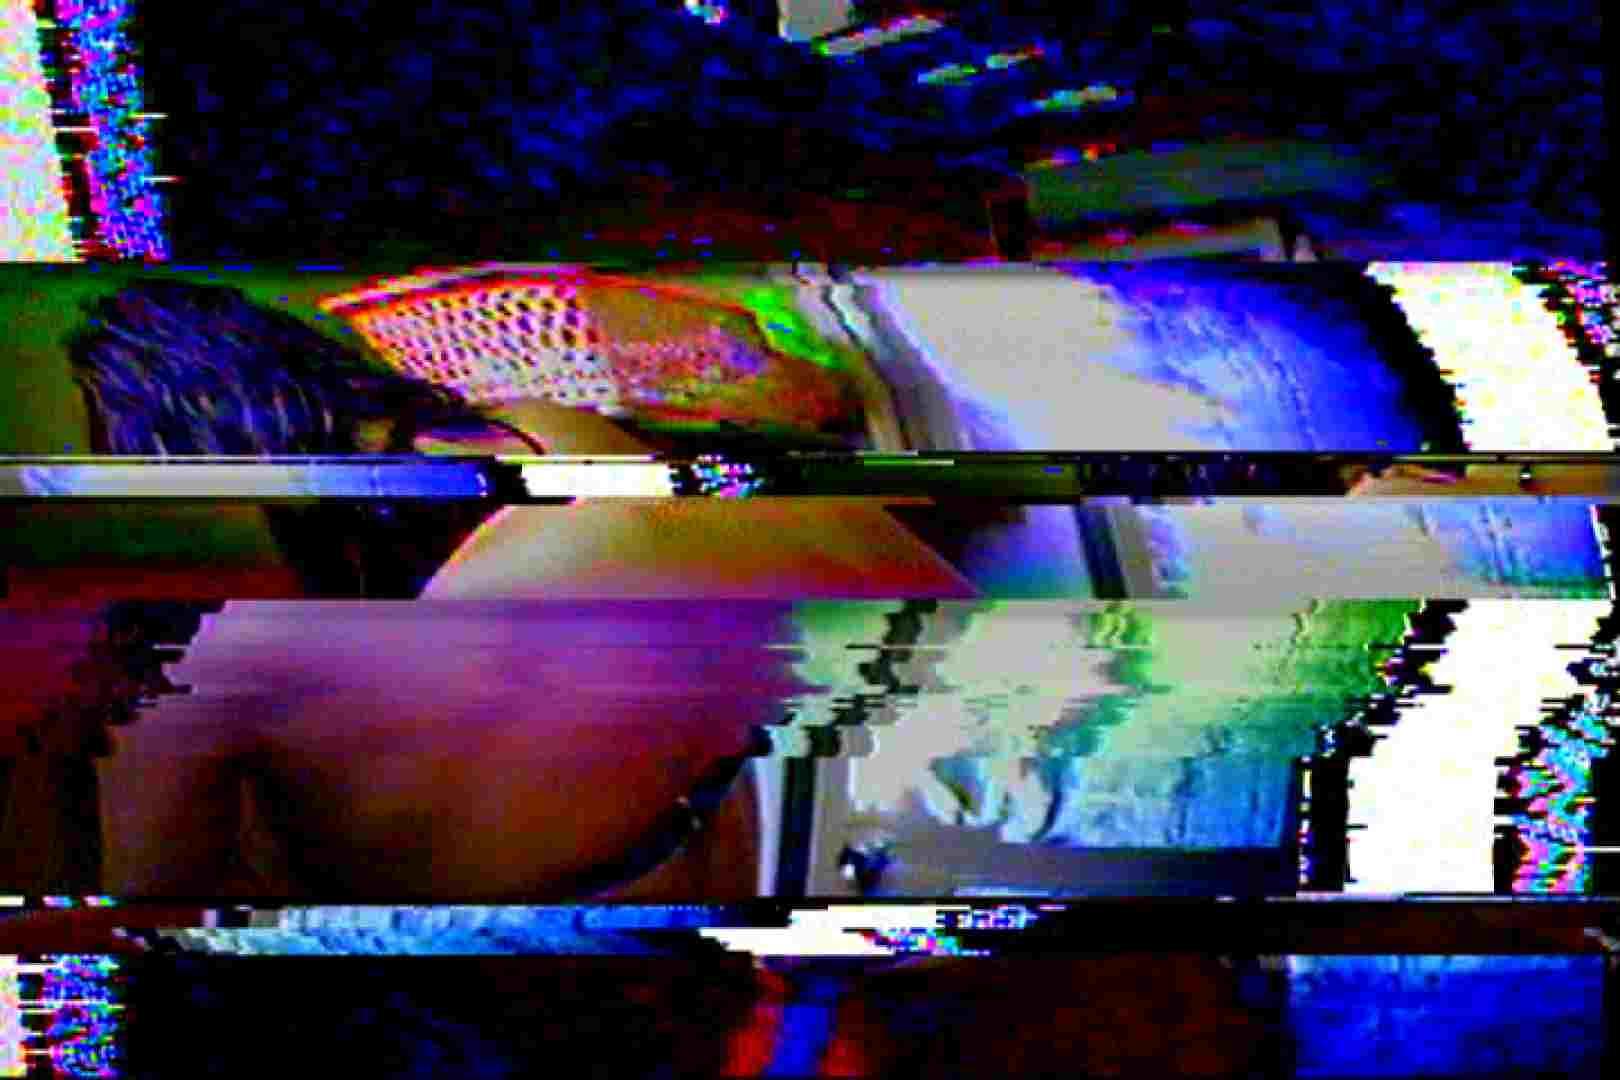 海の家の更衣室 Vol.56 盛合せ オメコ動画キャプチャ 57画像 19